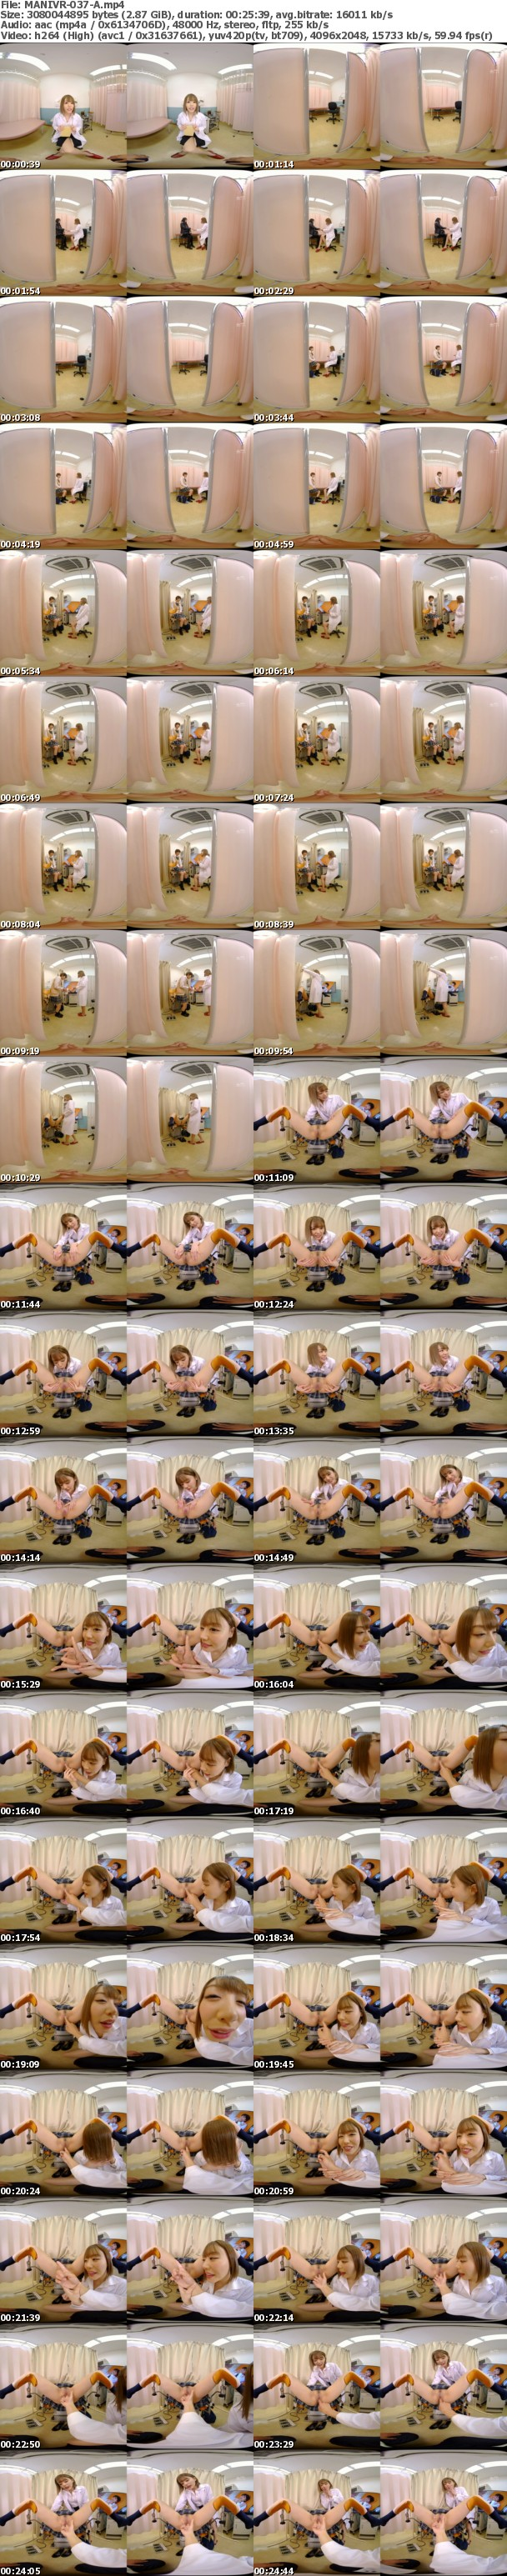 (VR) MANIVR-037 変態女医とグルになって…妊娠検査にきた女子○生が仕切りカーテンで気づかない間にこっそり生挿入!